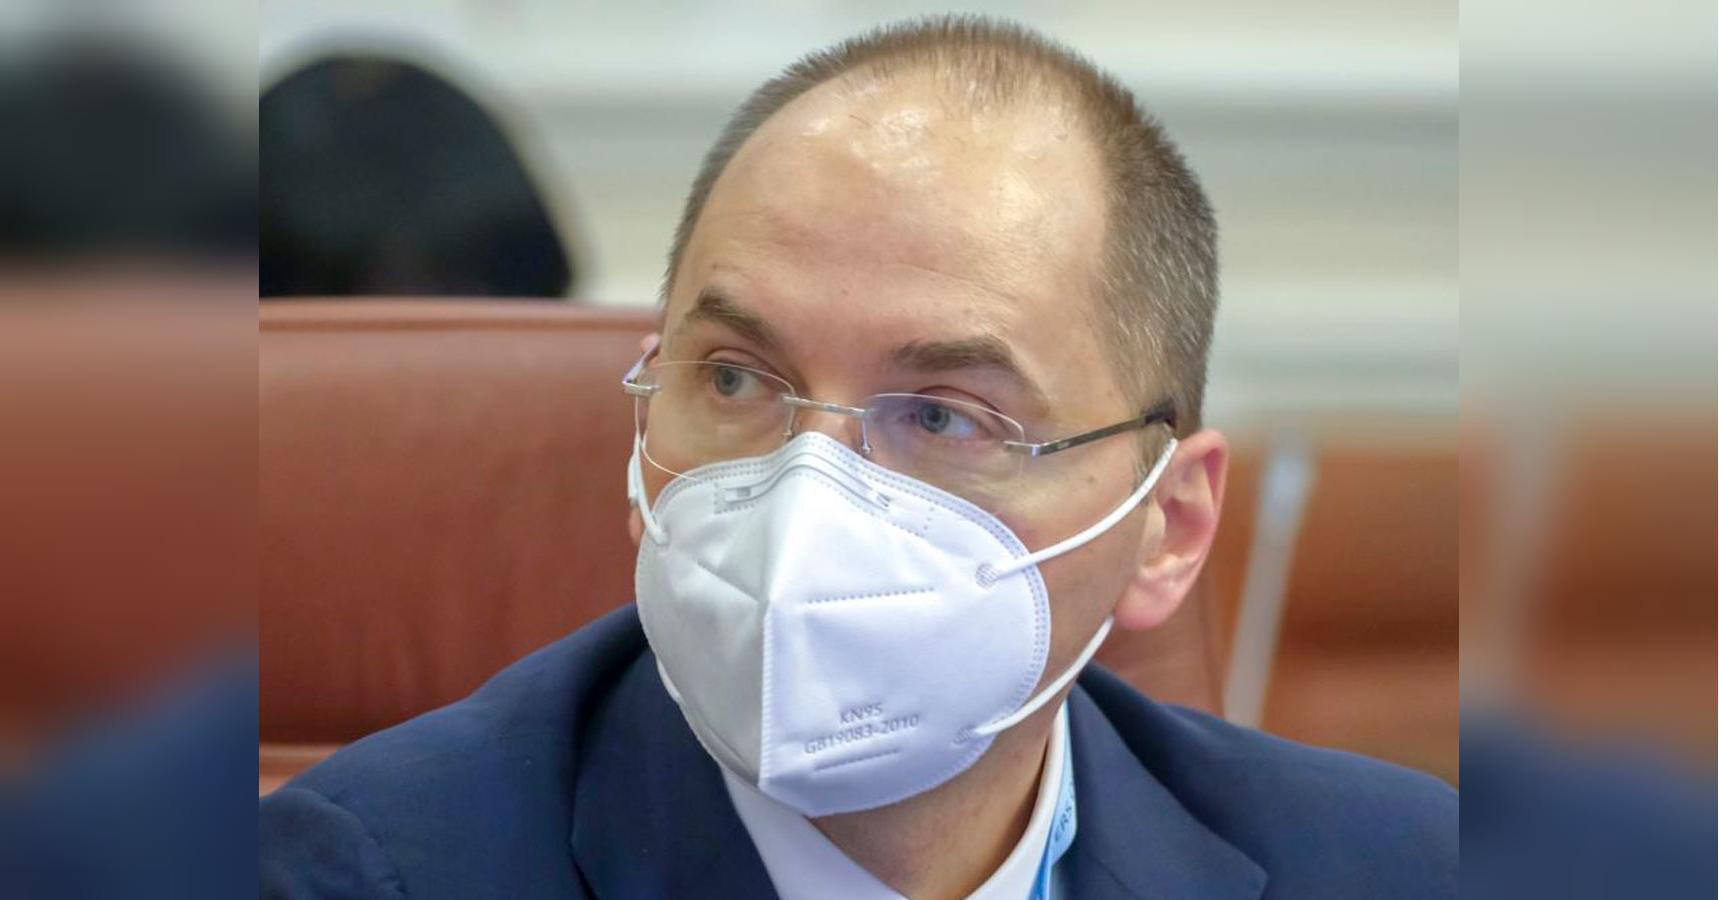 Минздрав сократил список регионов, не готовых к ослаблению карантина